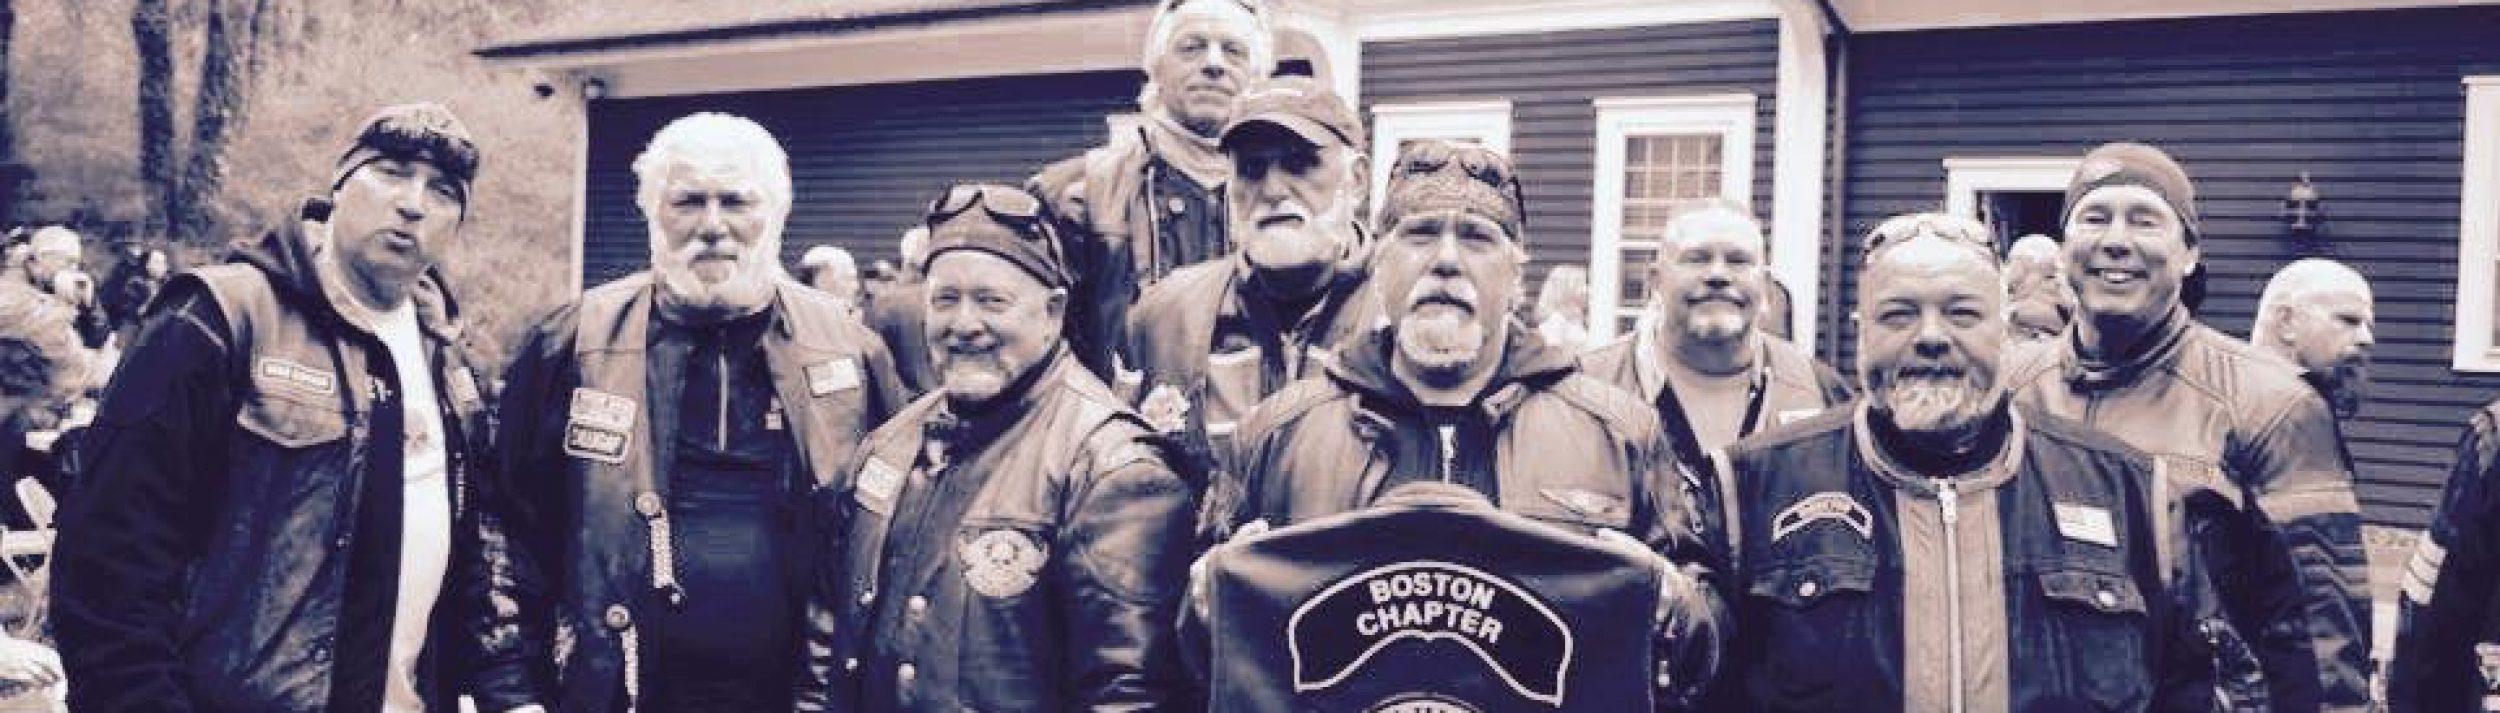 Boston HOG